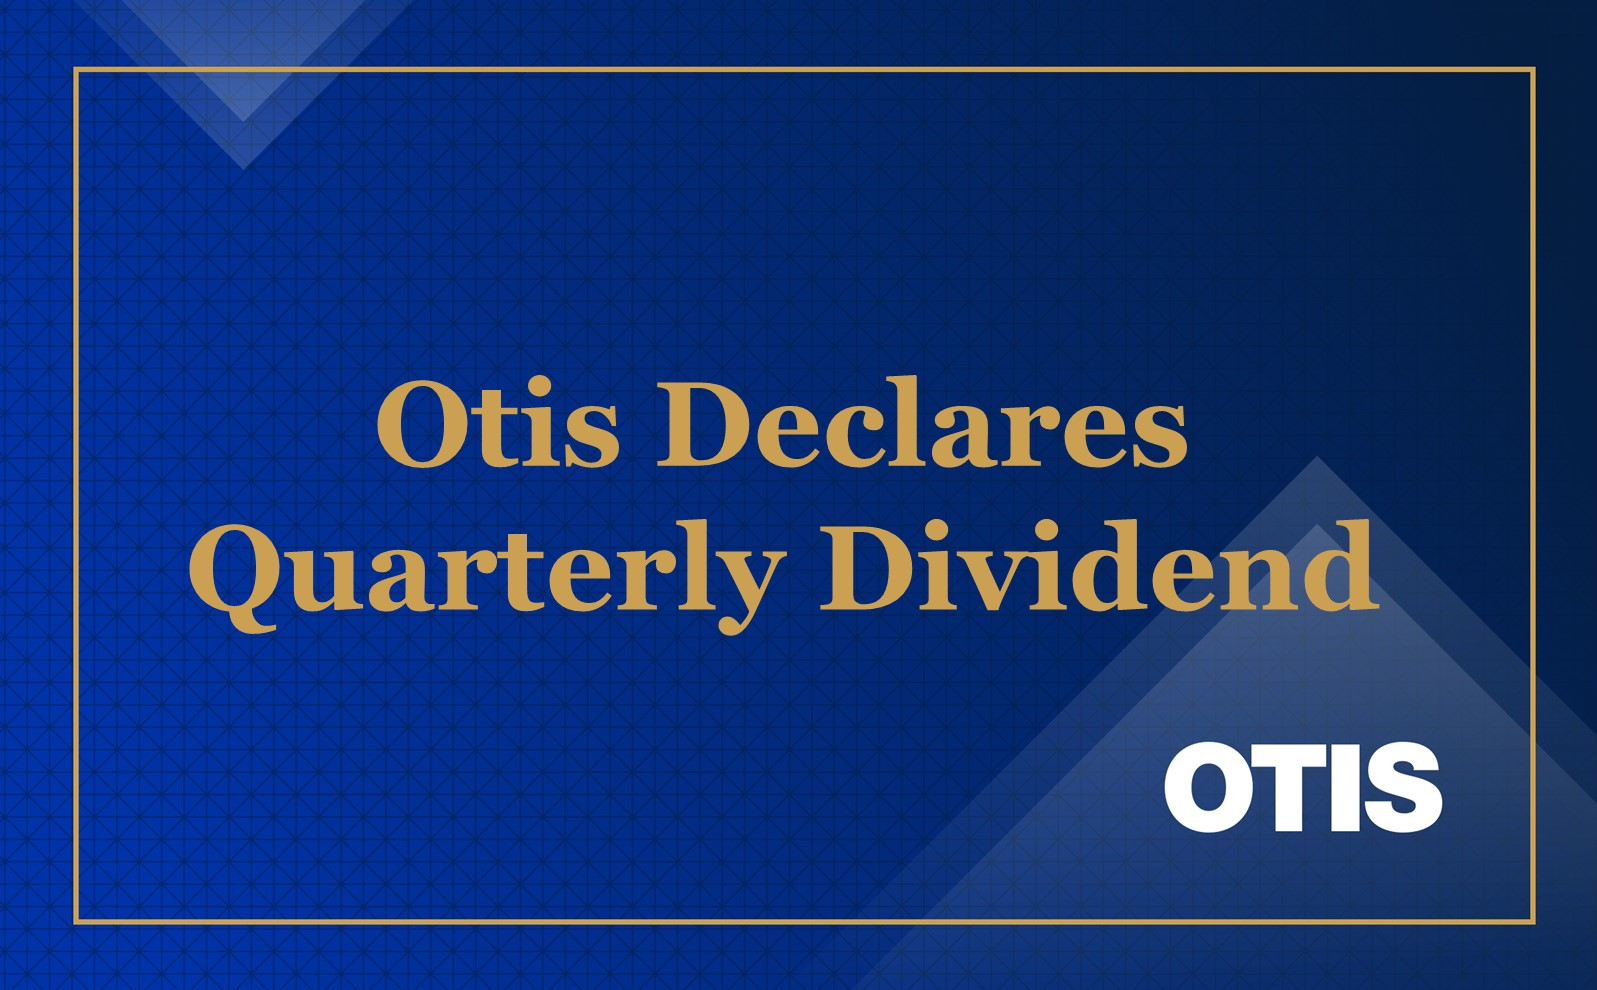 Otis Declares Quarterly Dividend of 0.24 per Share